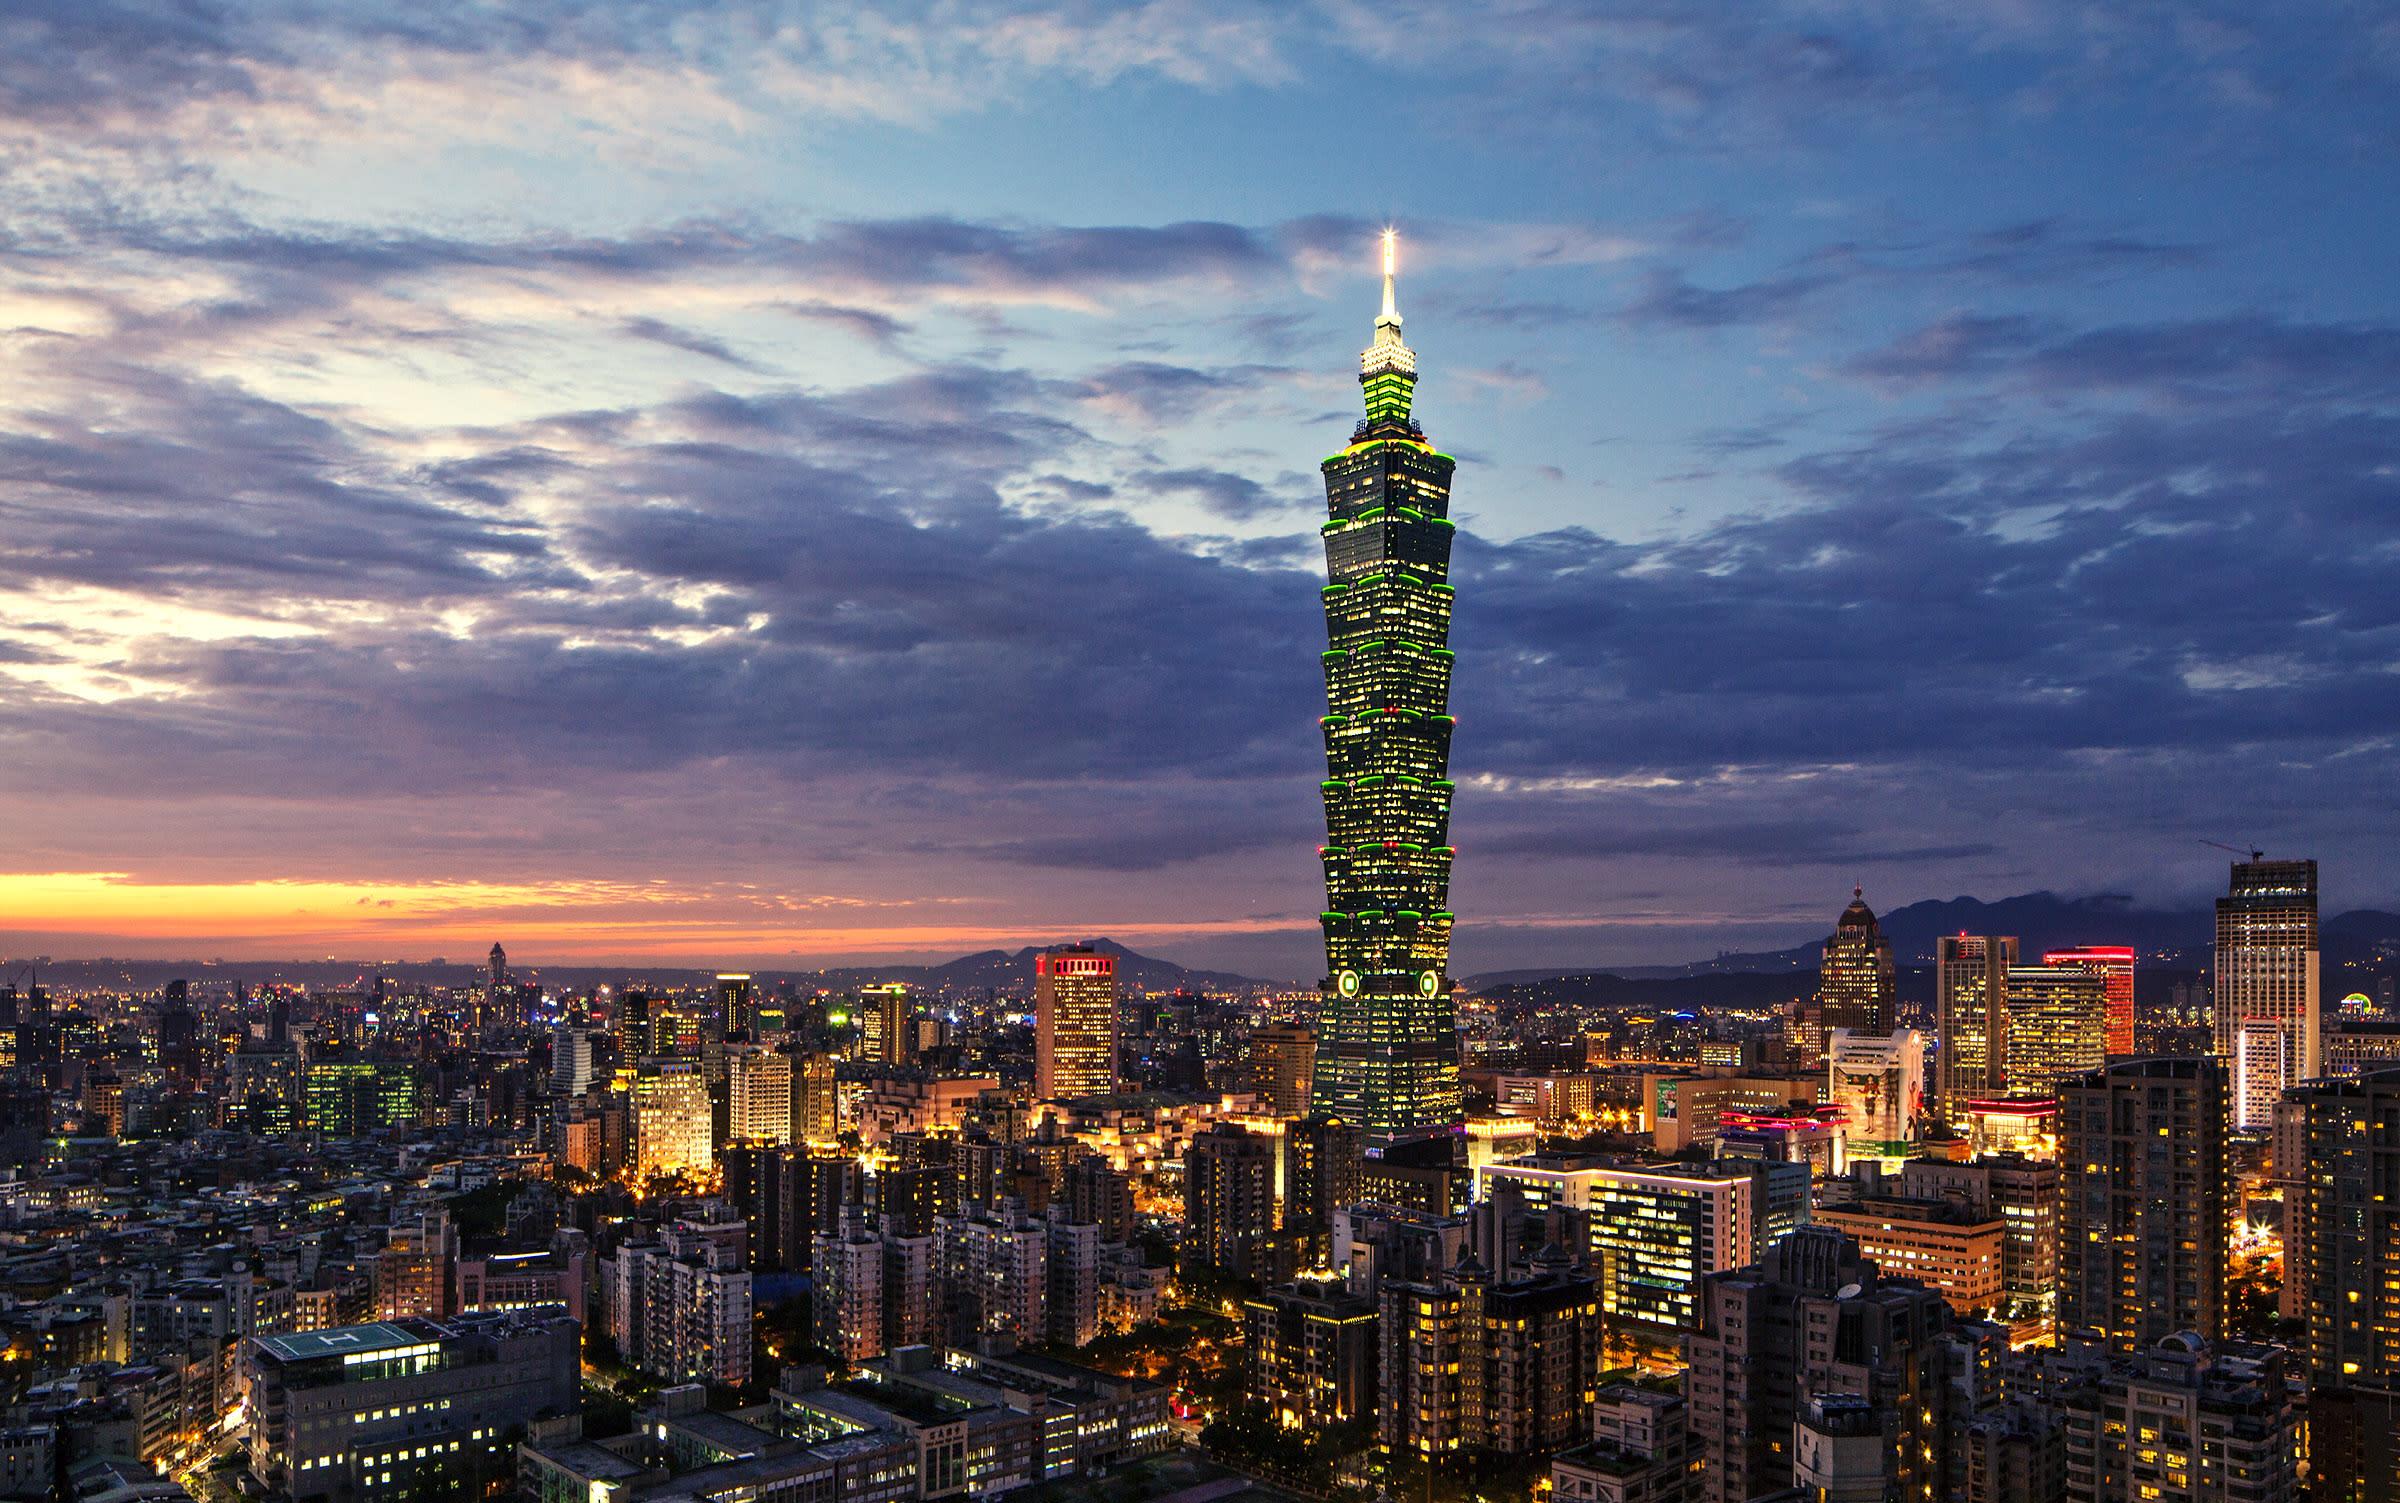 taipei 101 là một nơi để ngắm đài bắc về đêm